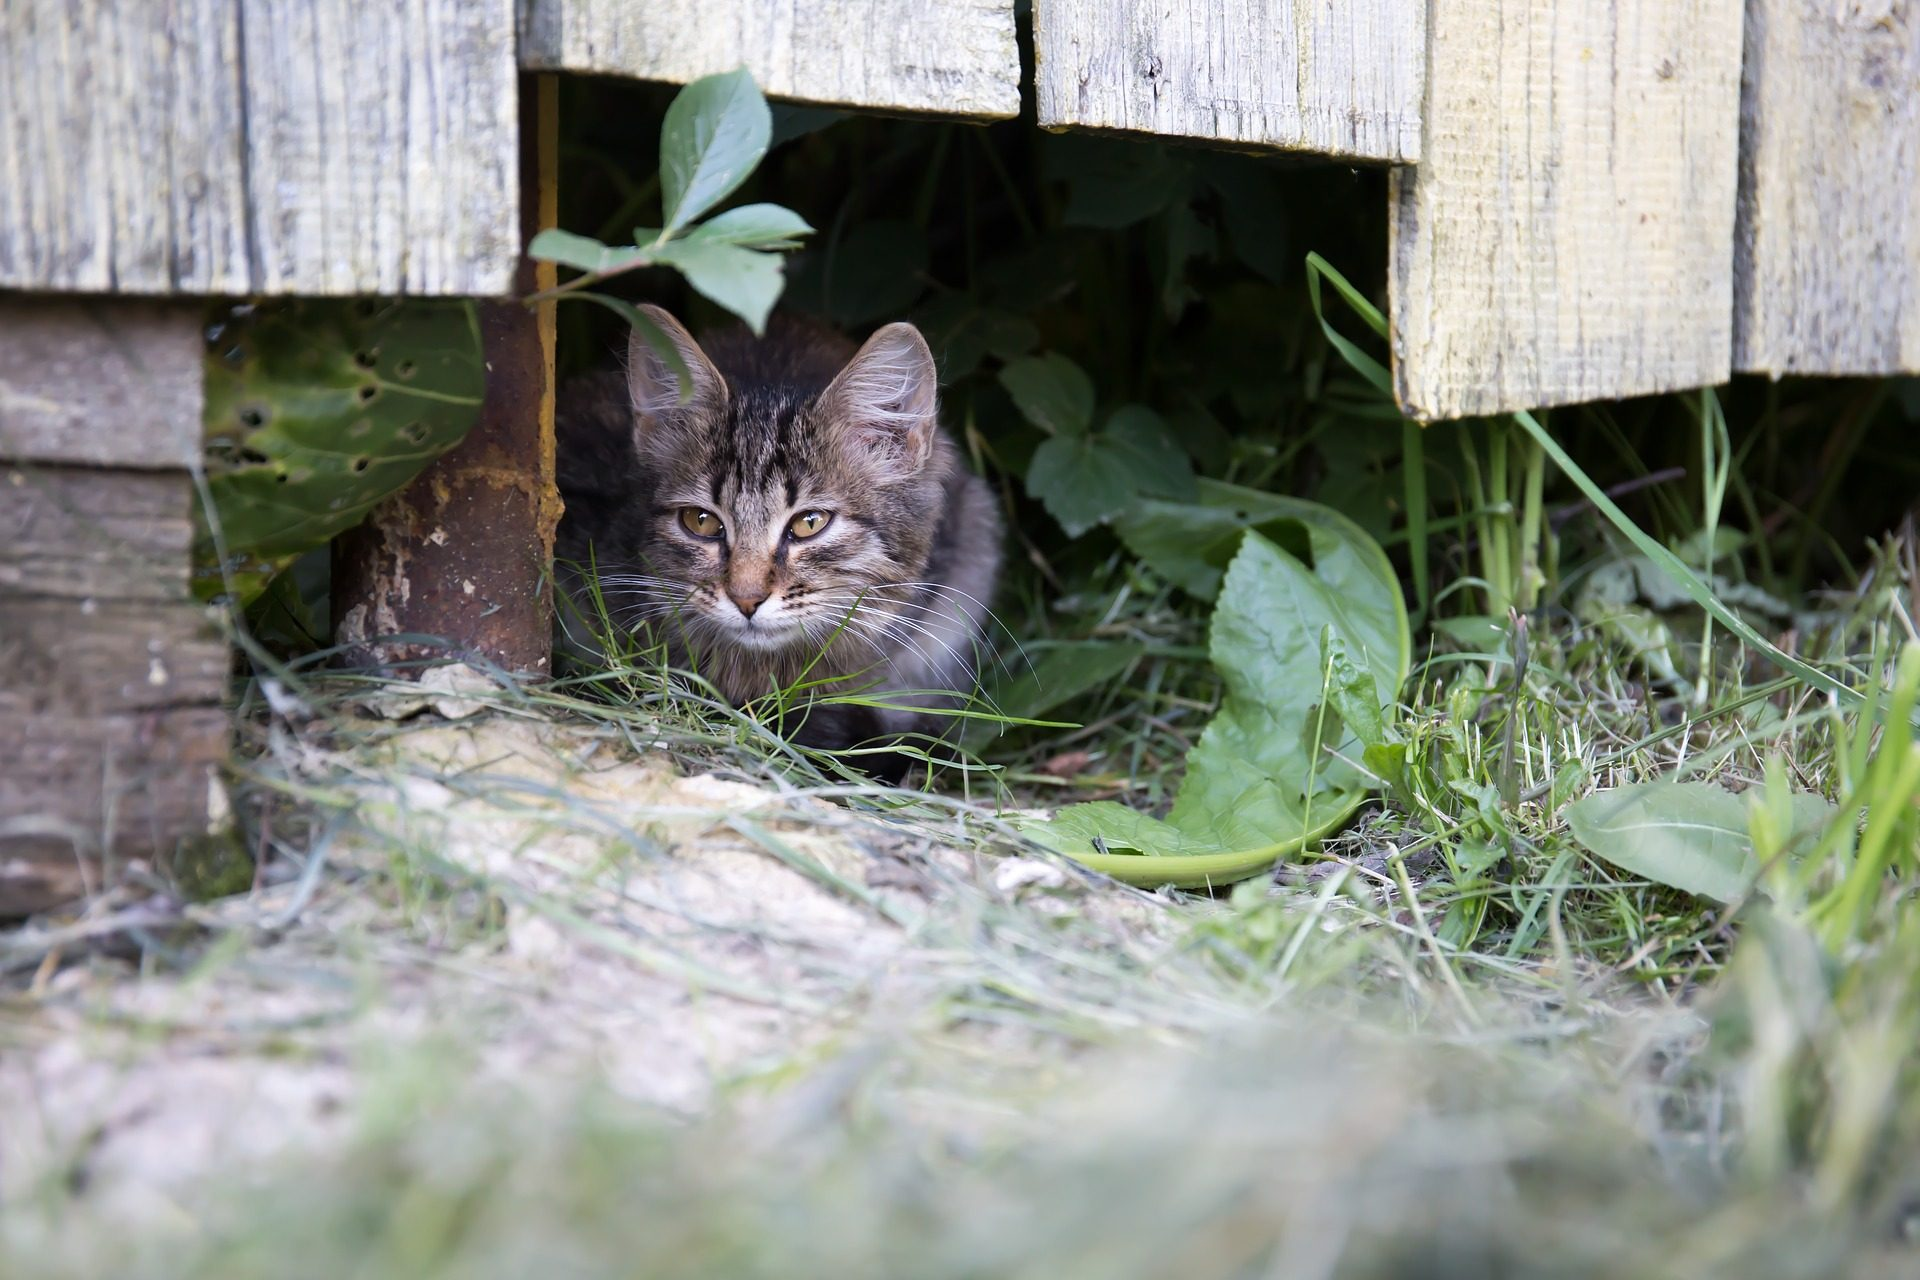 gato, escondido, agazapado, mascota, felino, jardín - Fondos de Pantalla HD - professor-falken.com